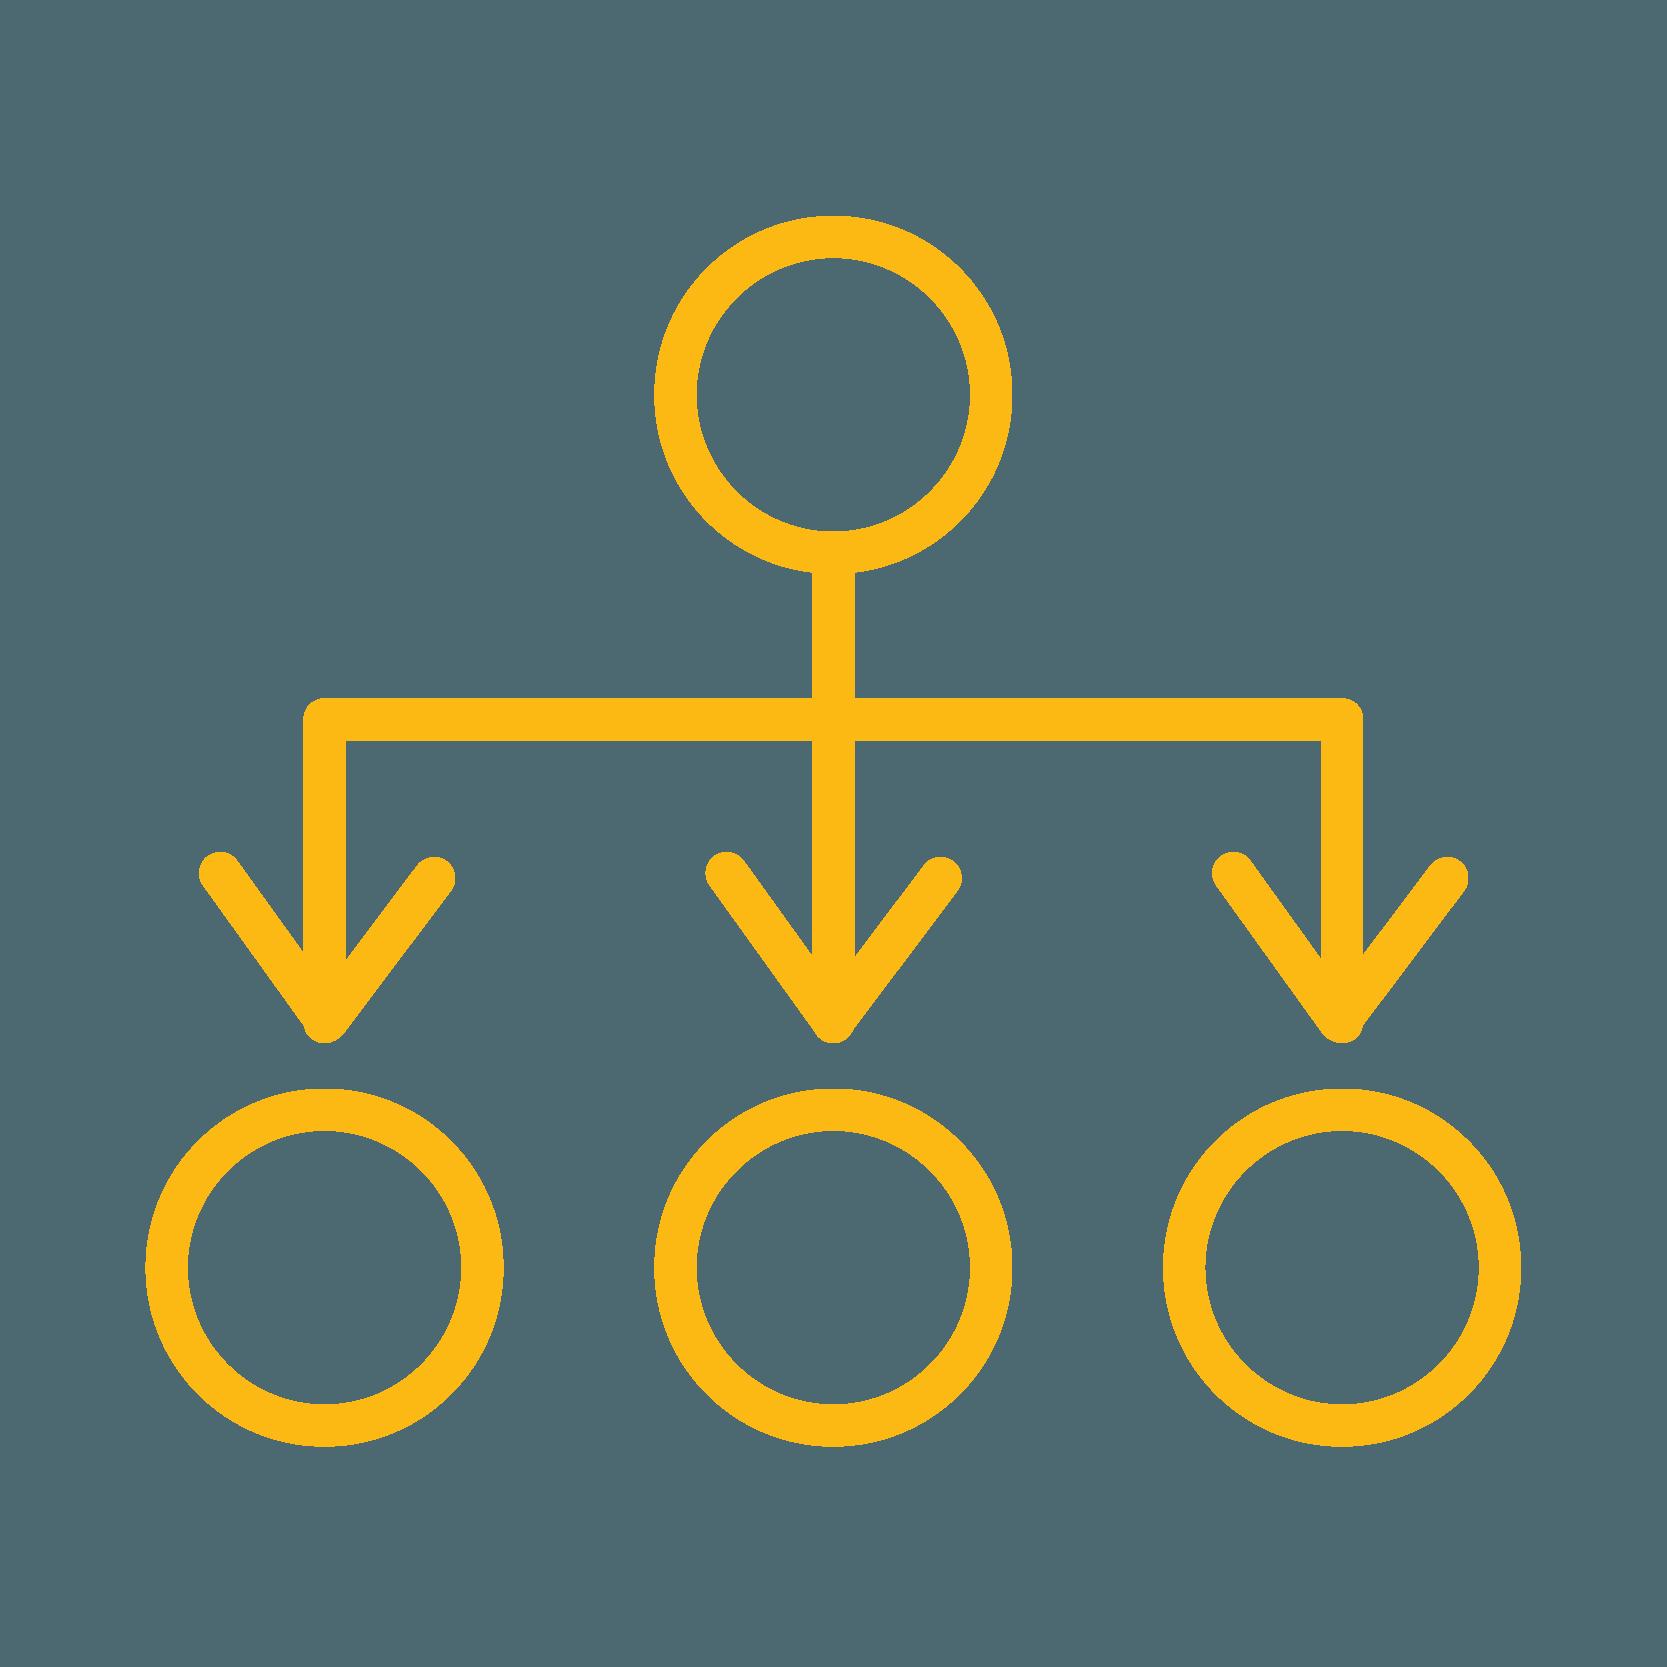 Inecom-Icons-Yellow-40-1